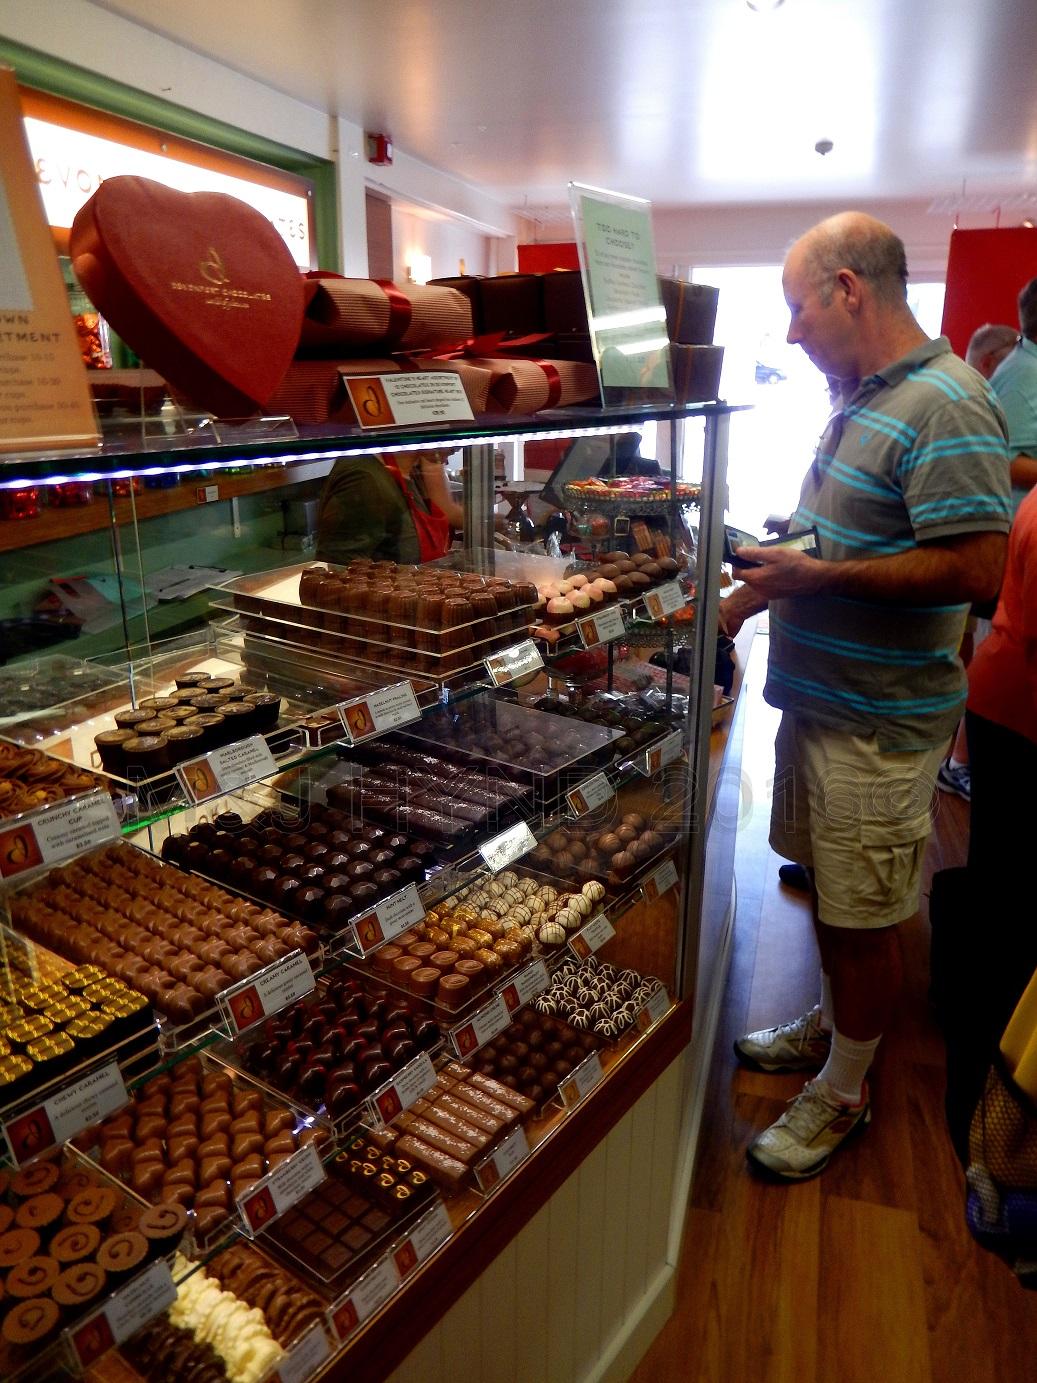 Devonport chocolates, Auckland, NZ